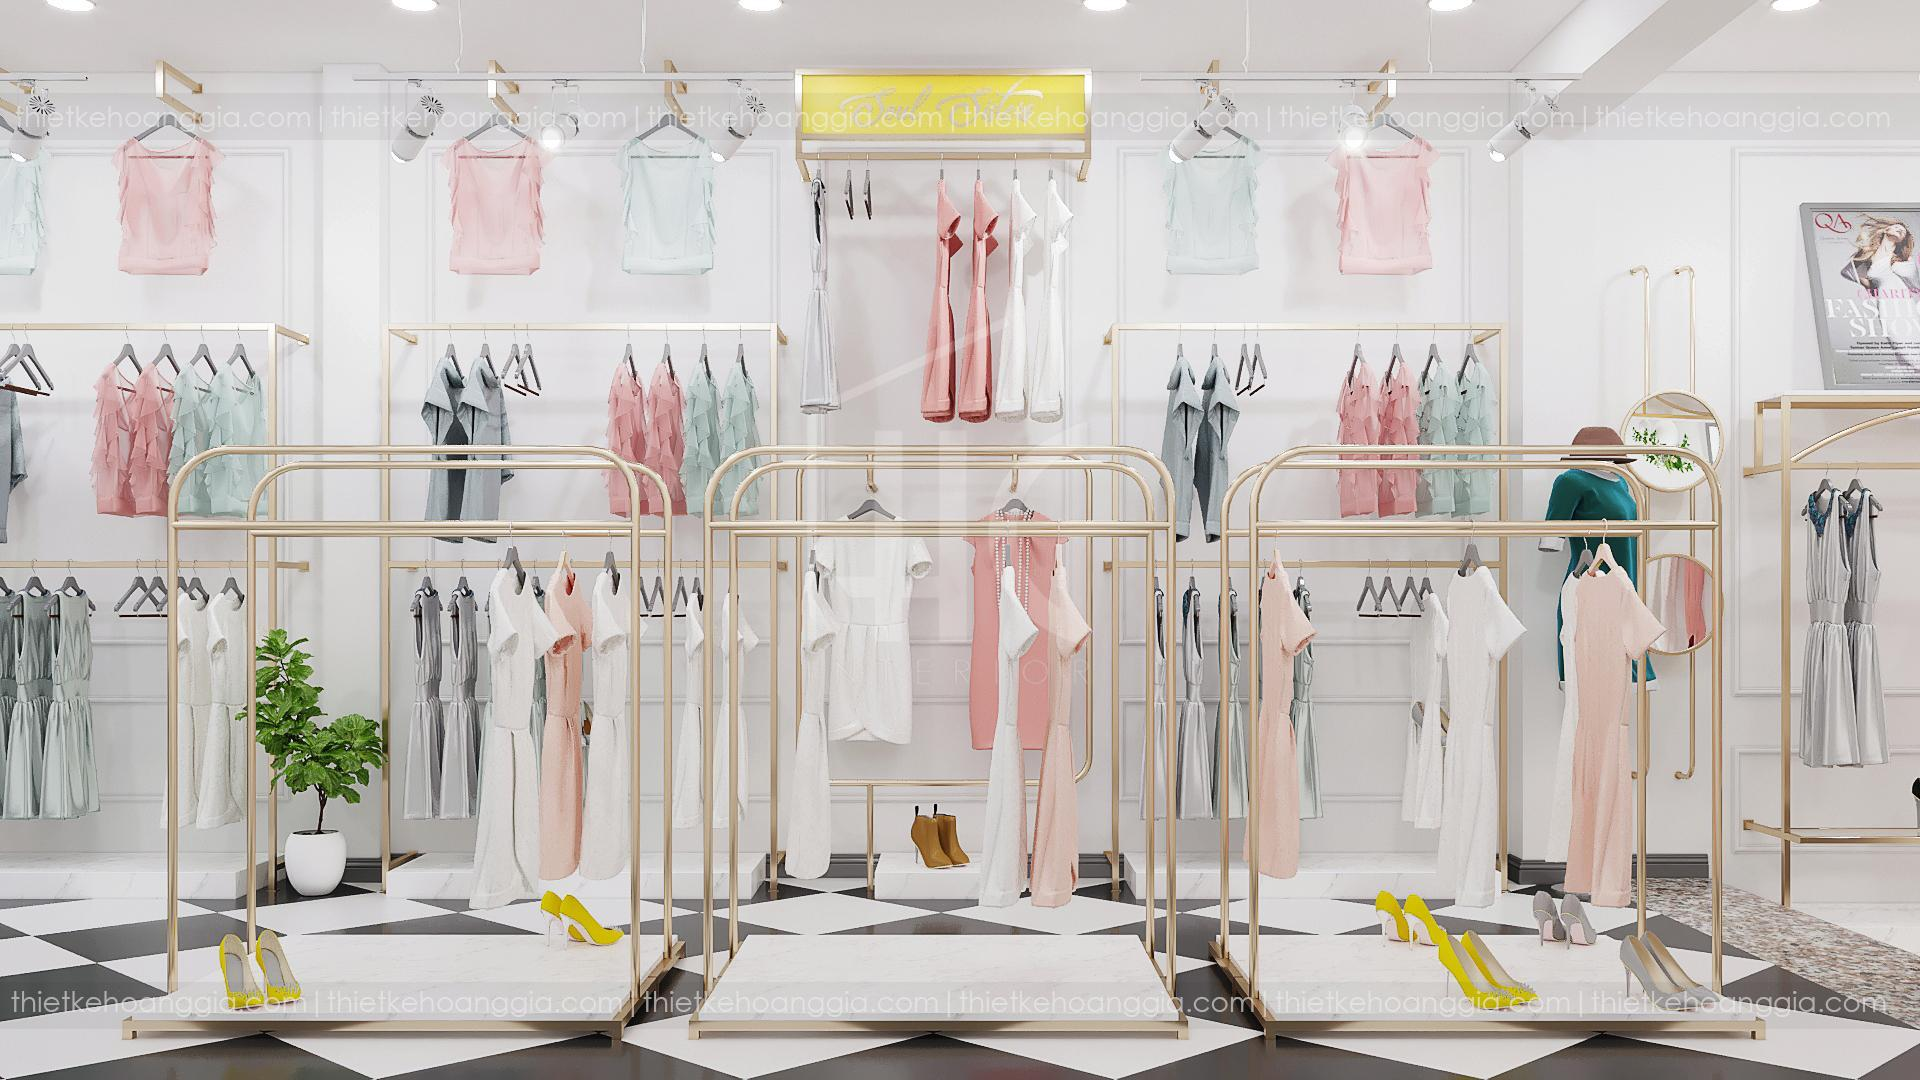 Thiết kế shop thời trang sang trọng - Soul Sisters